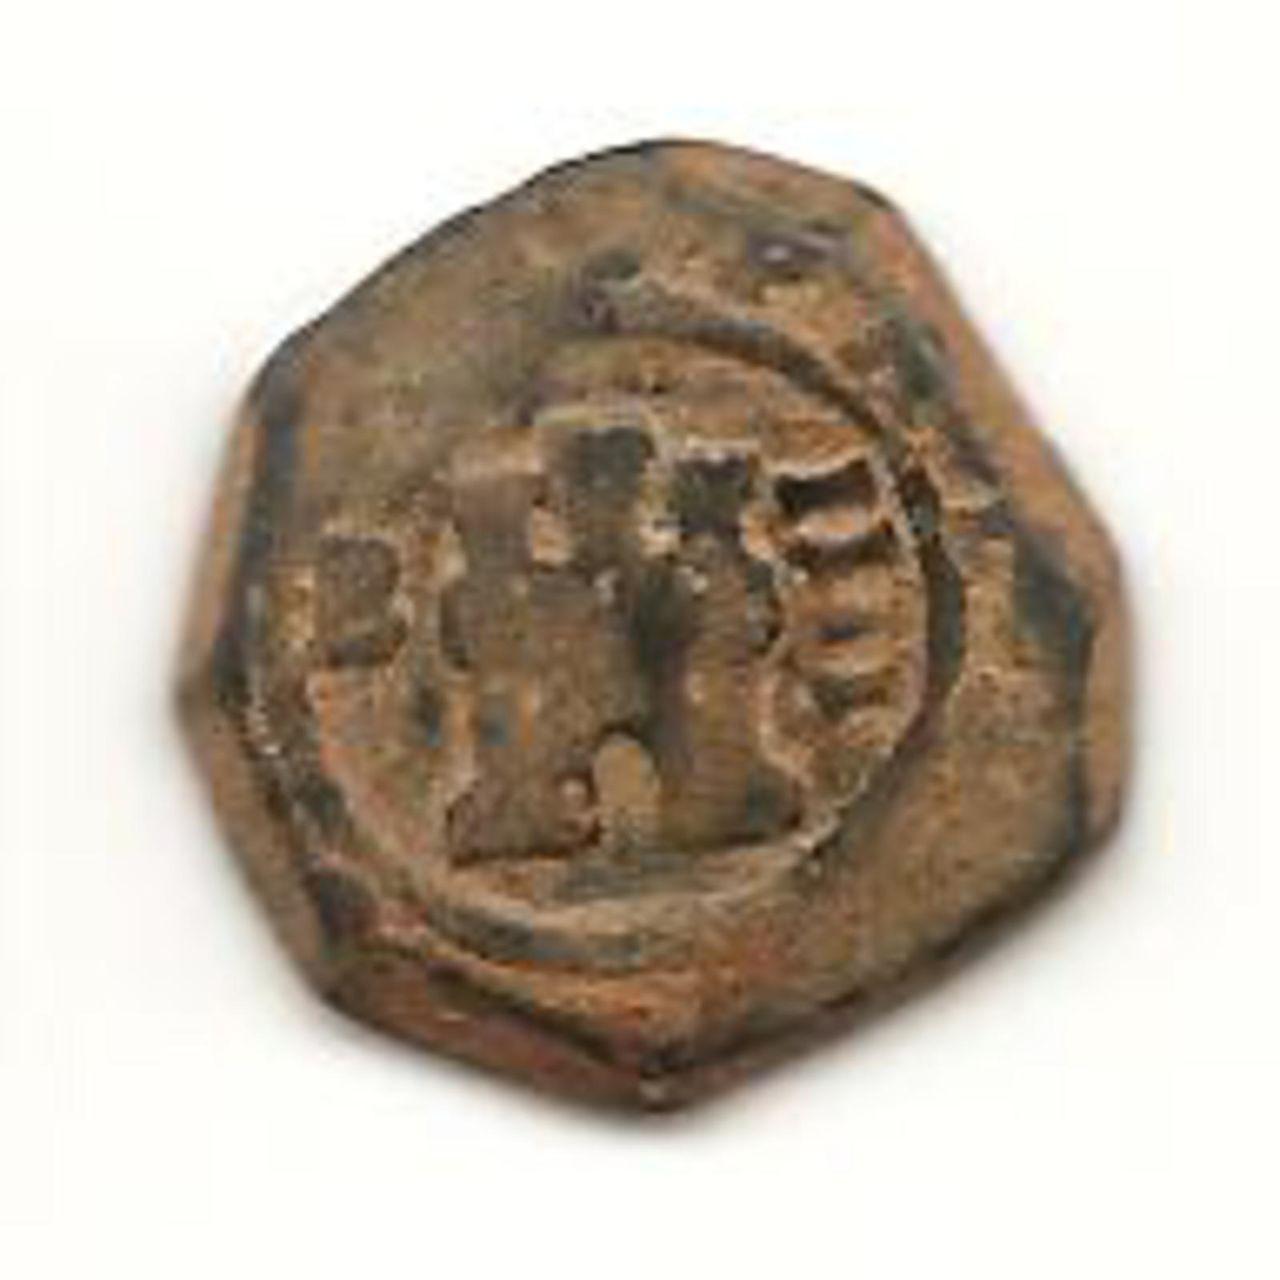 4 maravedis de Felipe III o IV.  Burgos. Image